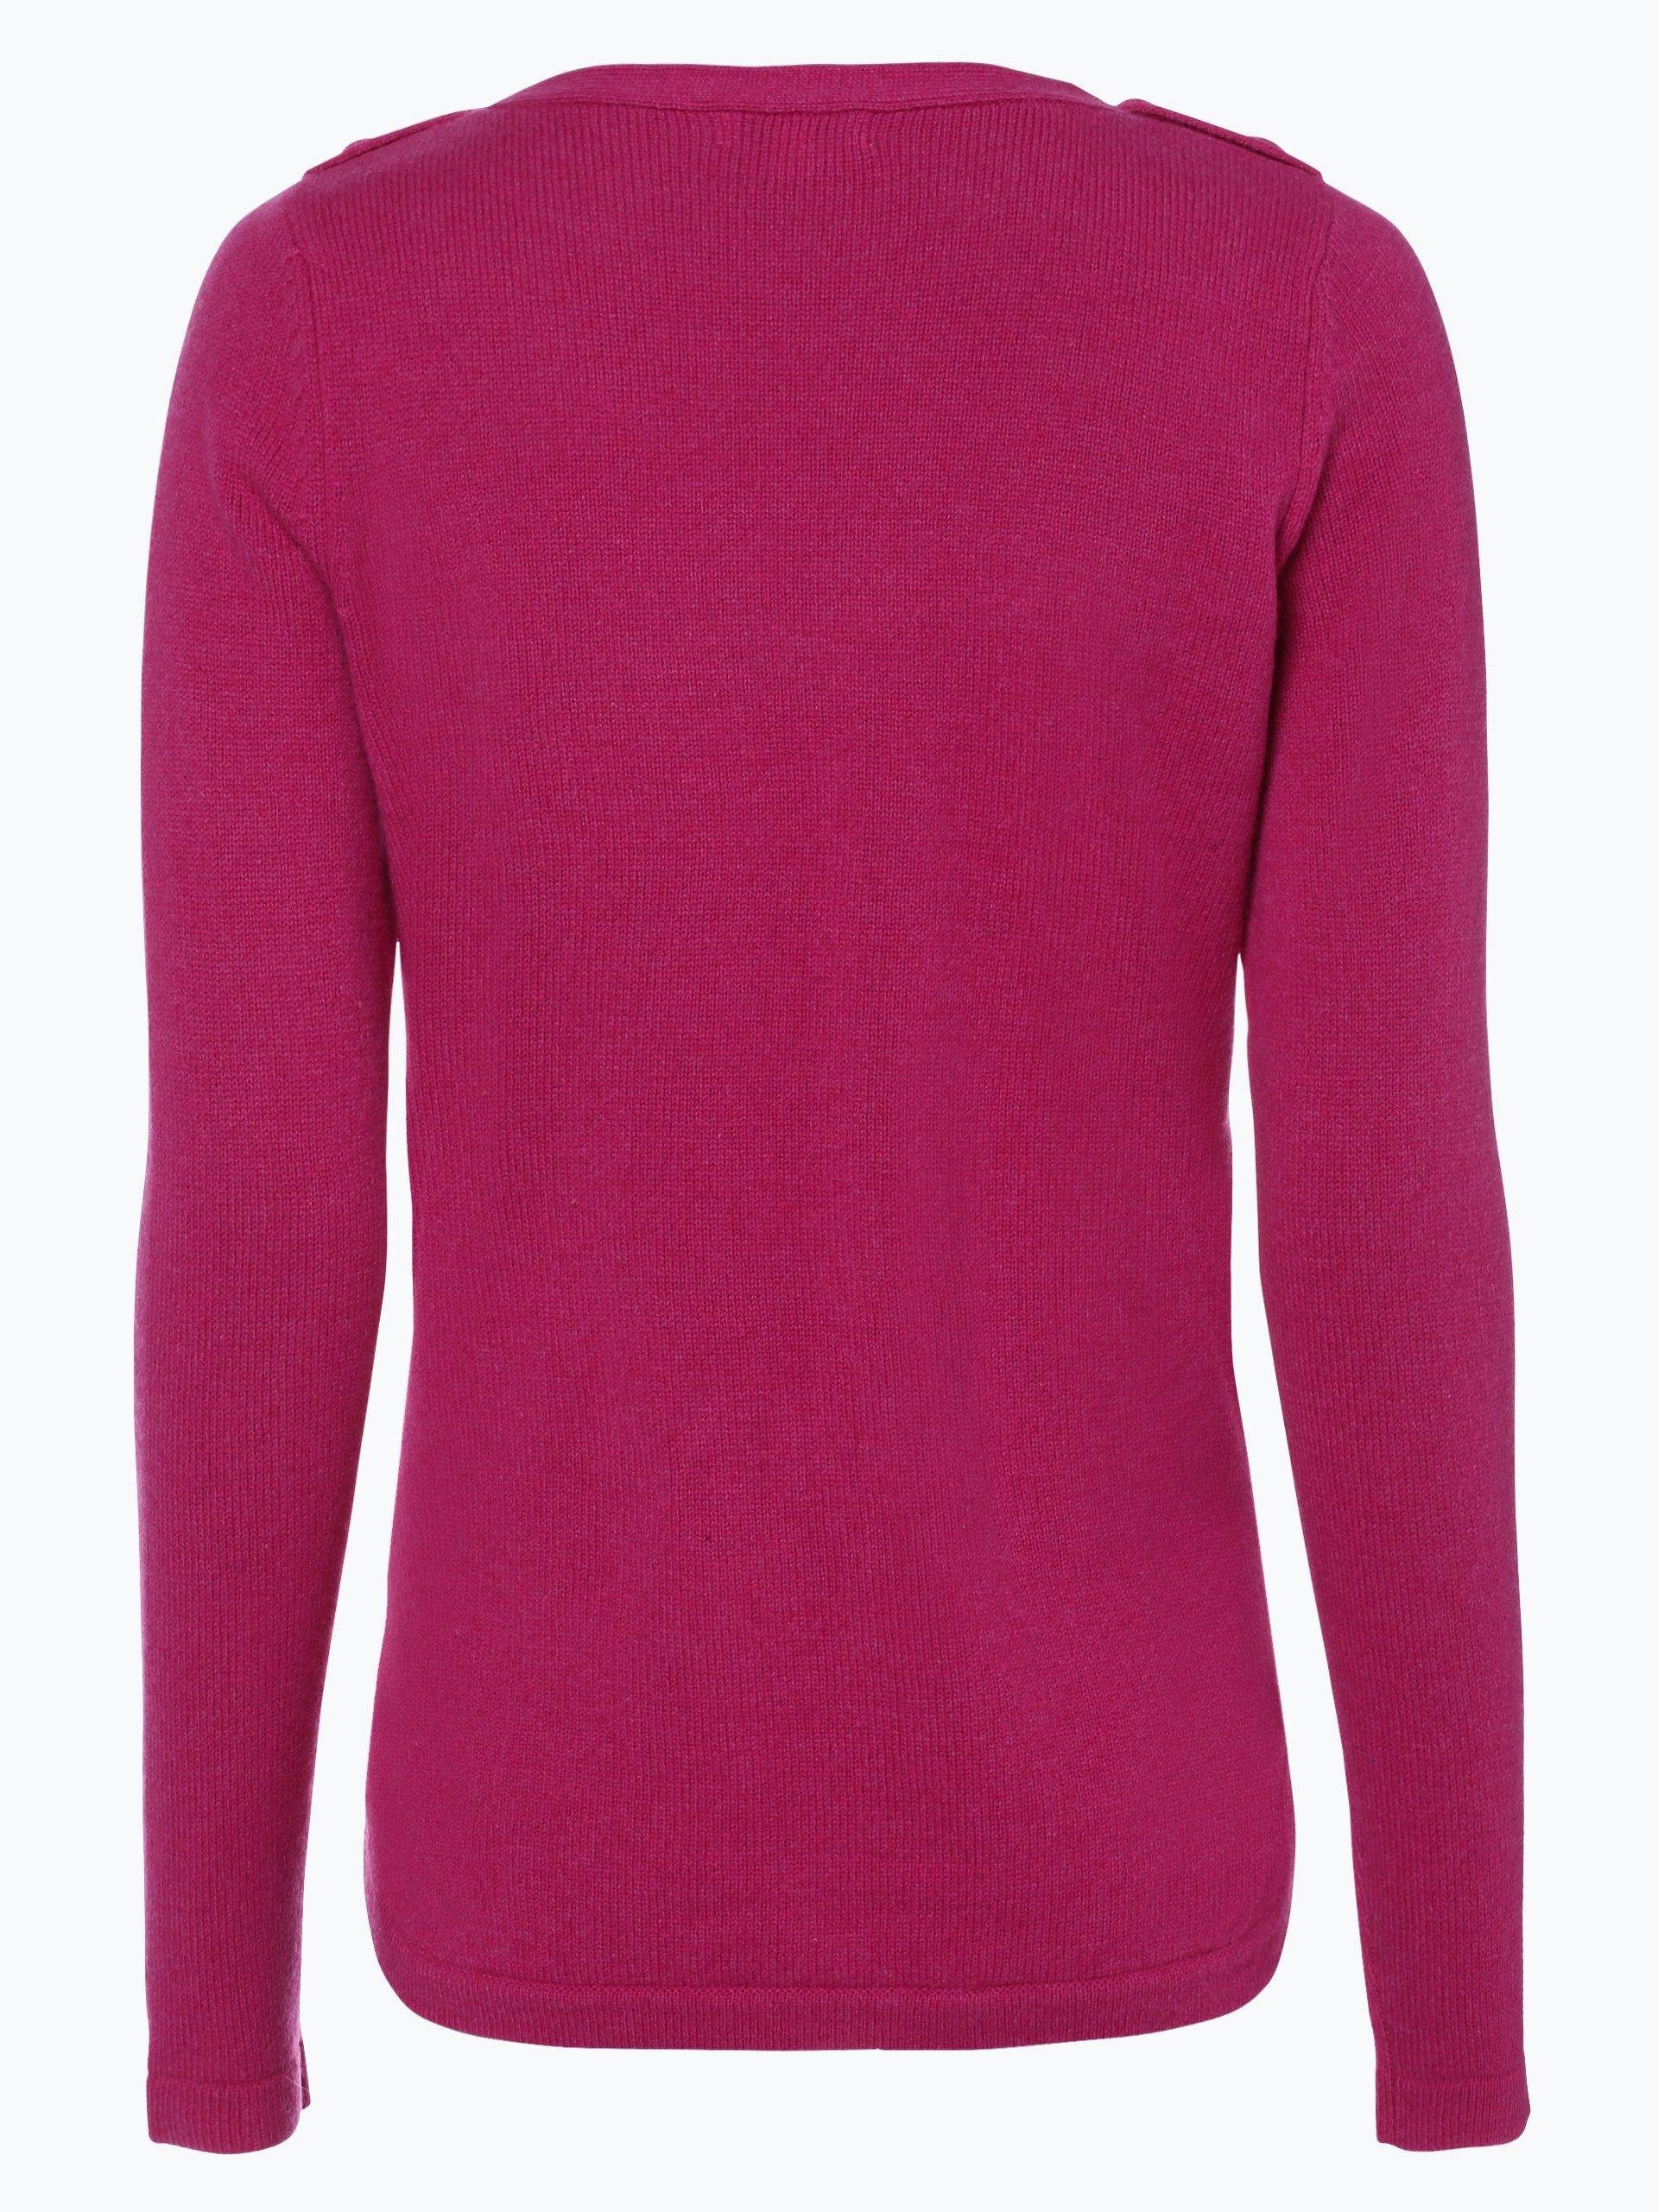 marie lund damen pullover pink uni online kaufen. Black Bedroom Furniture Sets. Home Design Ideas